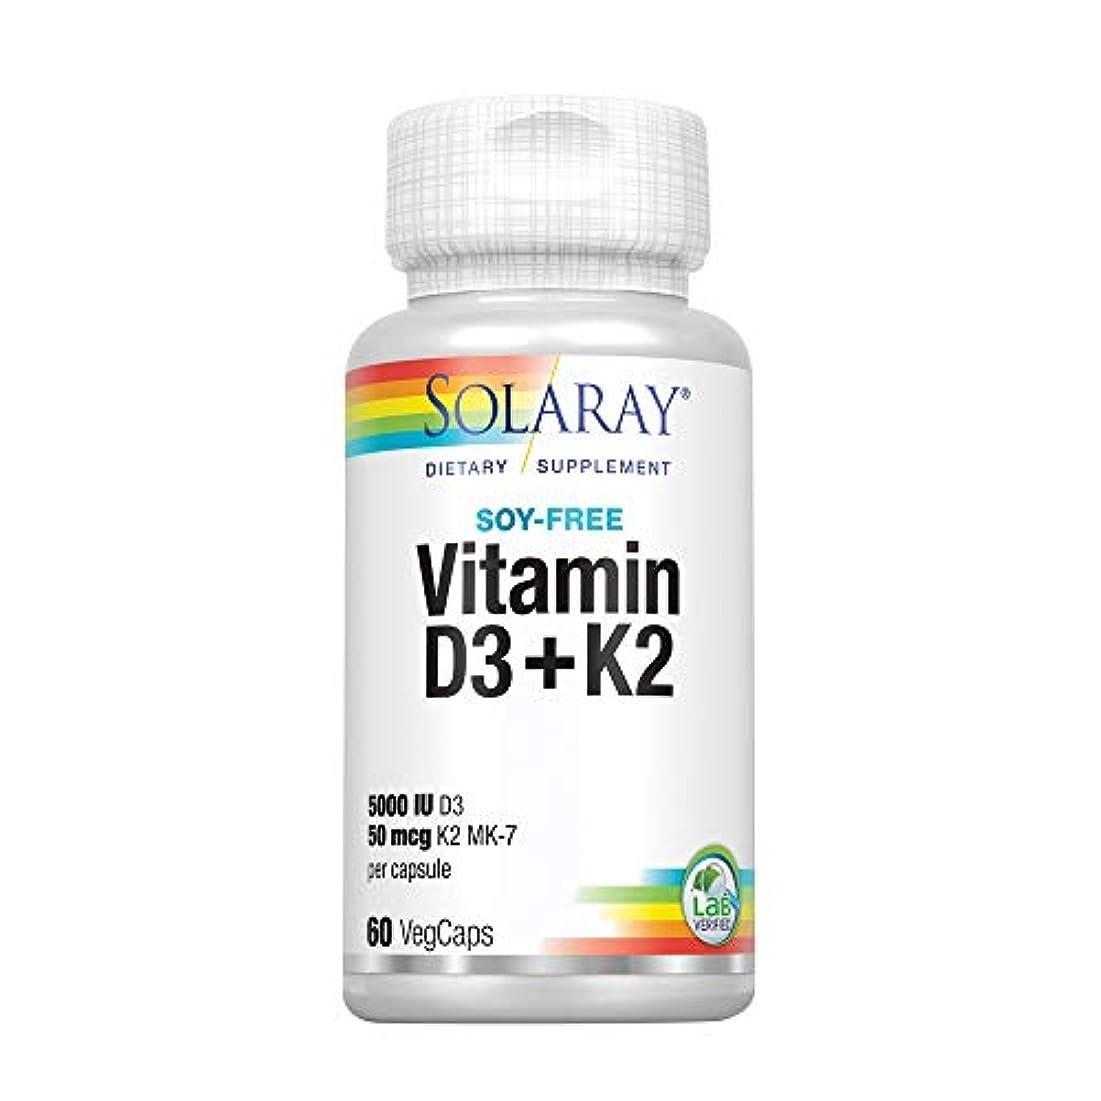 膨らませる誓約炎上Solaray - ビタミン D3 5000 IU & K2 50 mcg MK7 - 60ベジタリアン用カプセル